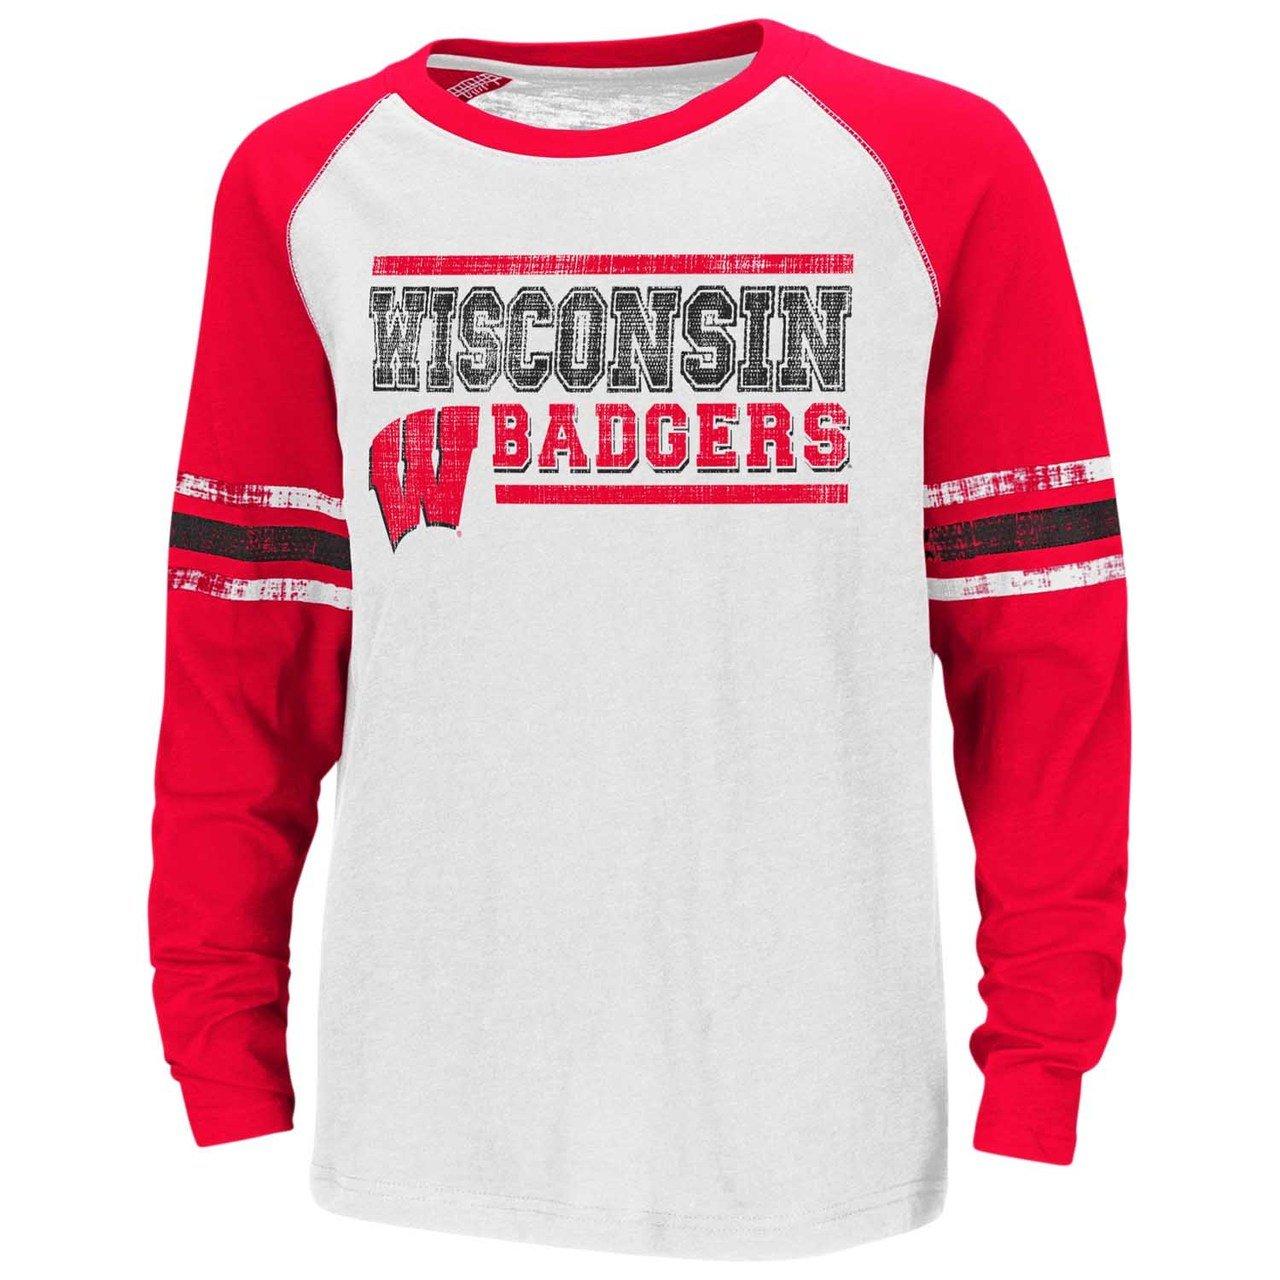 【即日発送】 Wisconsin Badgers Tシャツ B0768NDVNH Youthコロシアム大理石バッグラグランL/ S Tシャツ Badgers X-Large B0768NDVNH, 健康一番館:aea1351a --- narvafouette.eu